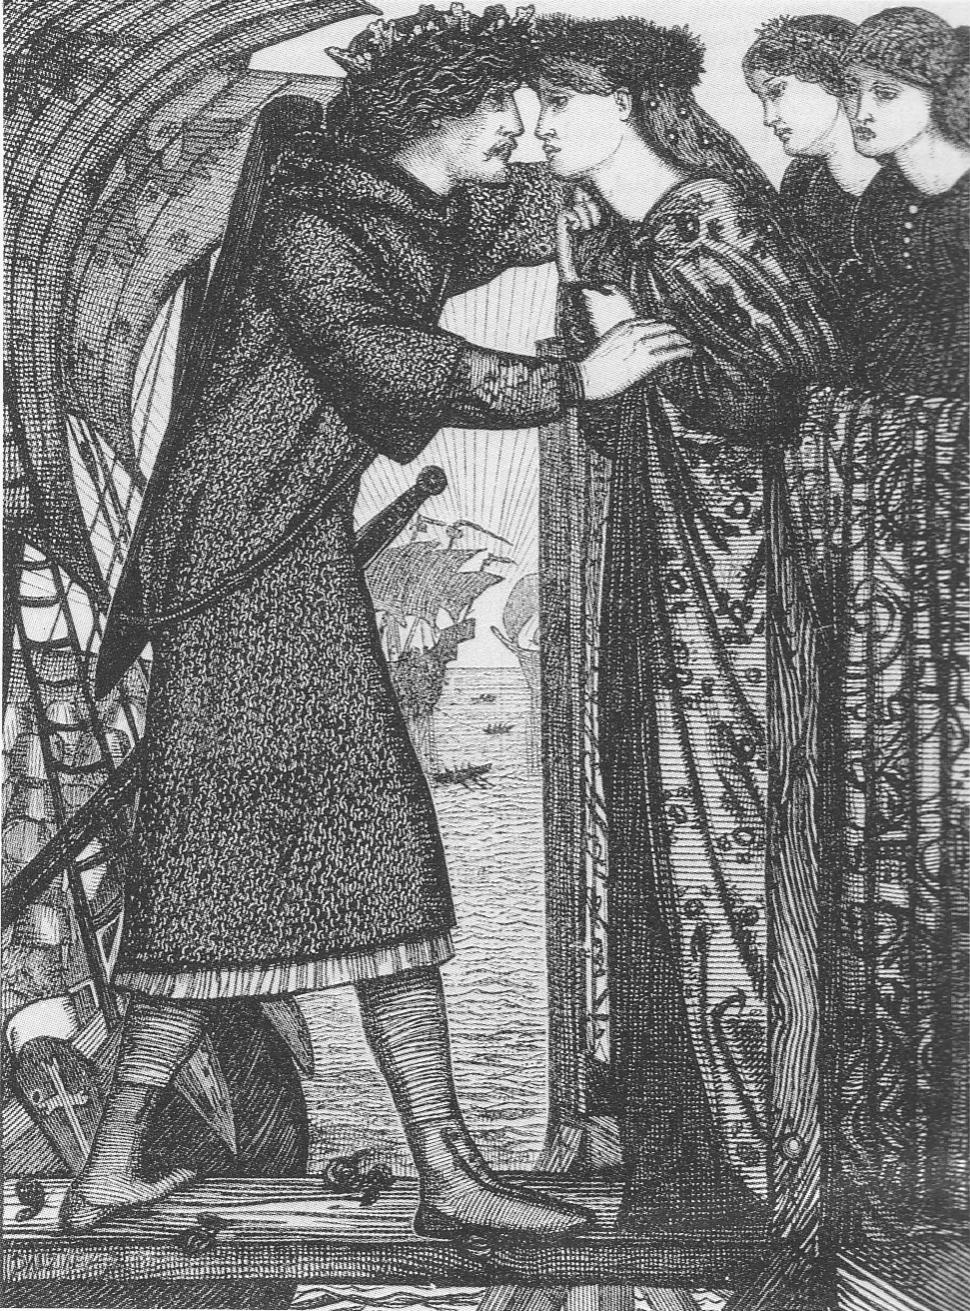 Dalziel Brothers after Edward Burne-Jones King Sigurd 1862